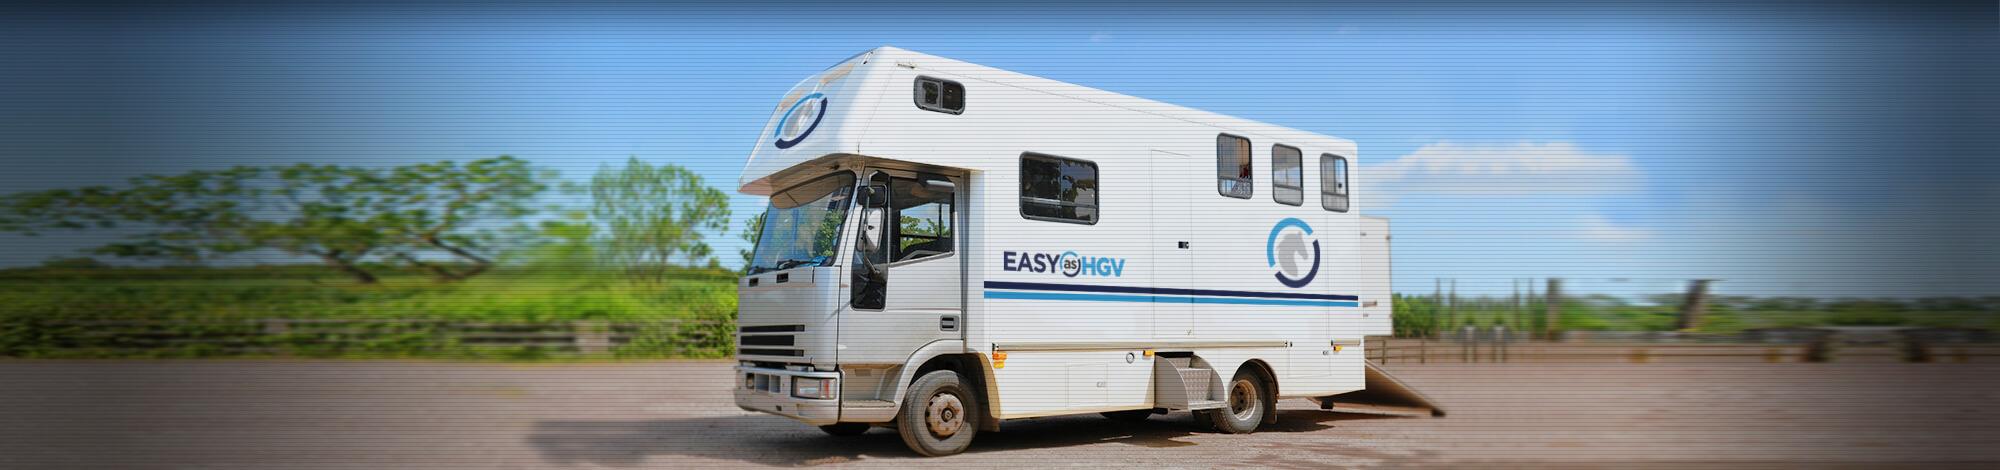 easy as hgv camper van image